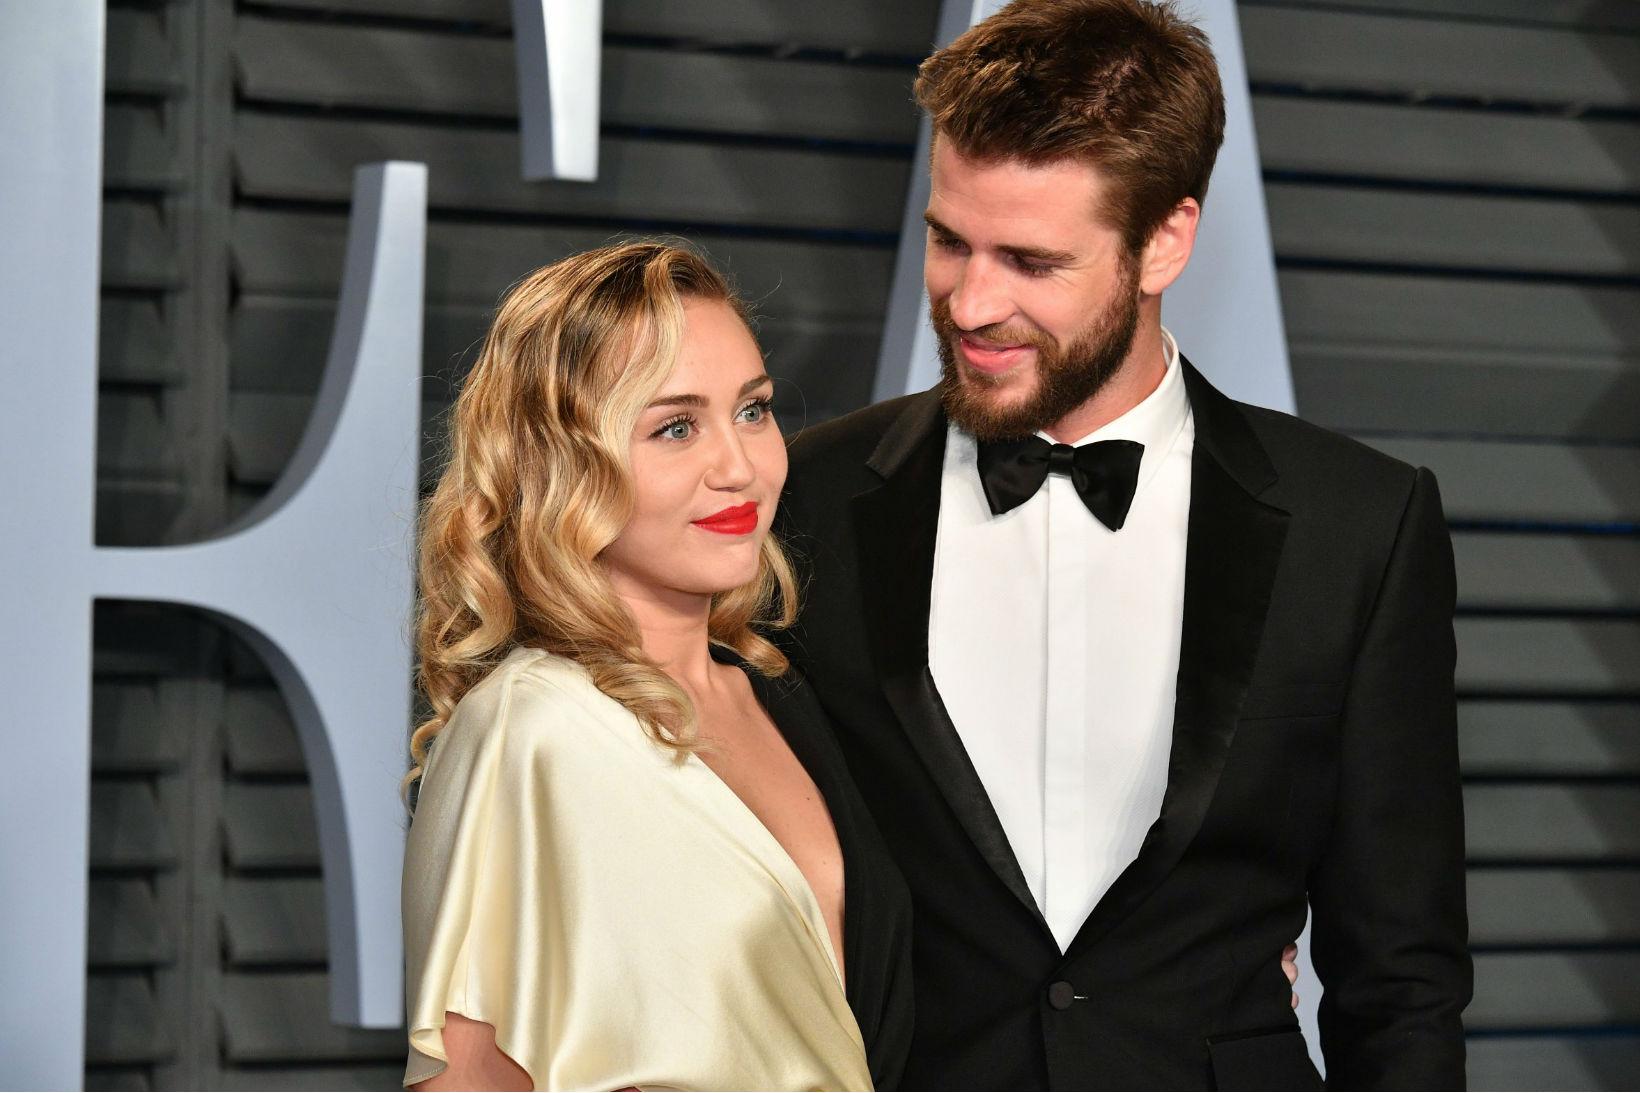 Miley Cyrus liam hemsworth still together